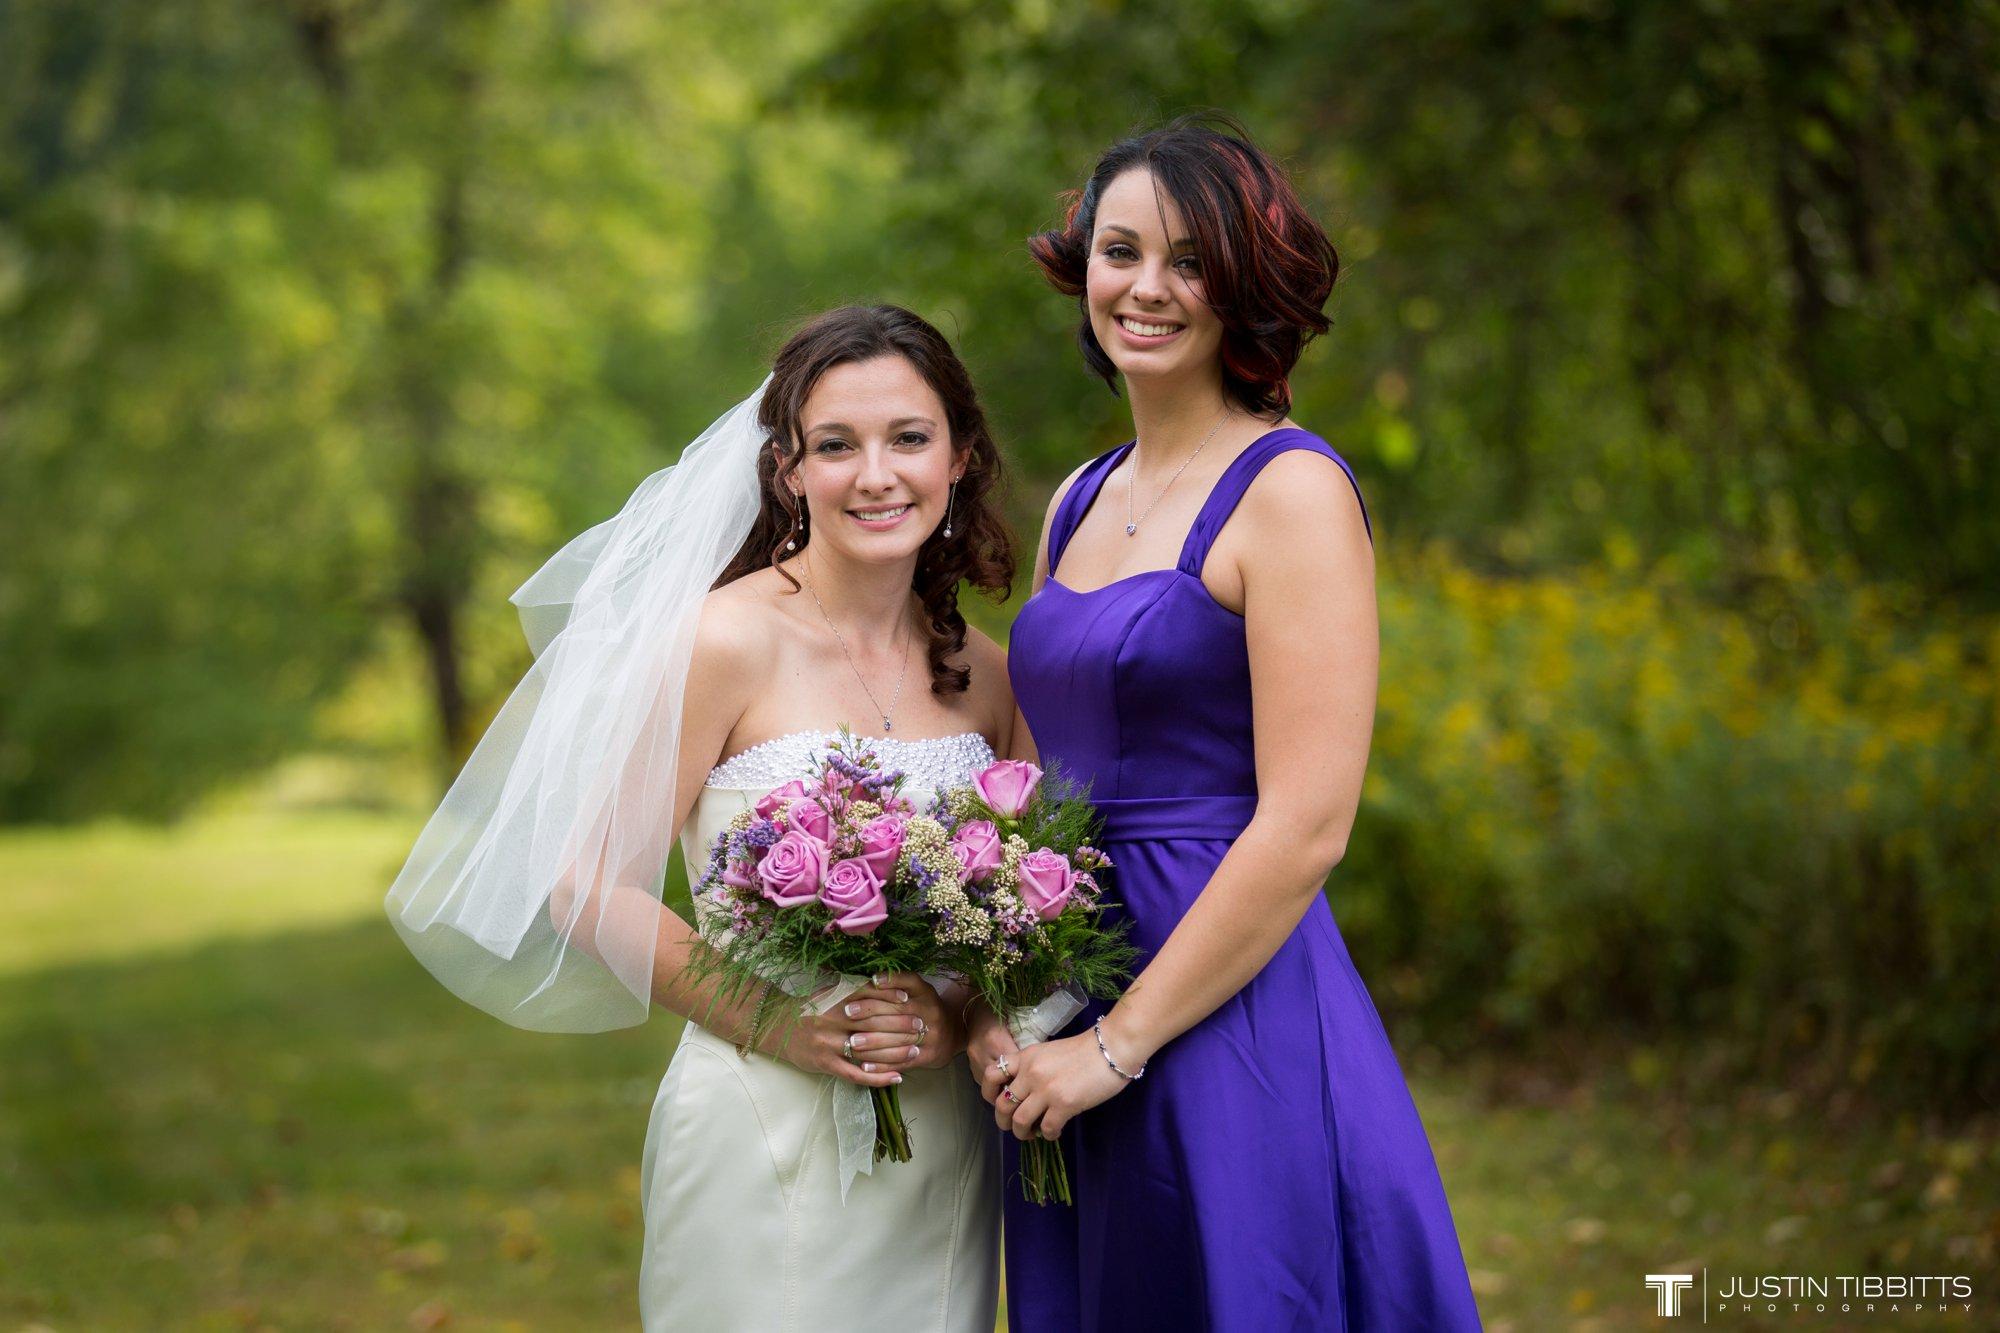 Justin Tibbitts Photography Rob and Brittany's Averill Park, NY Wedding_0390